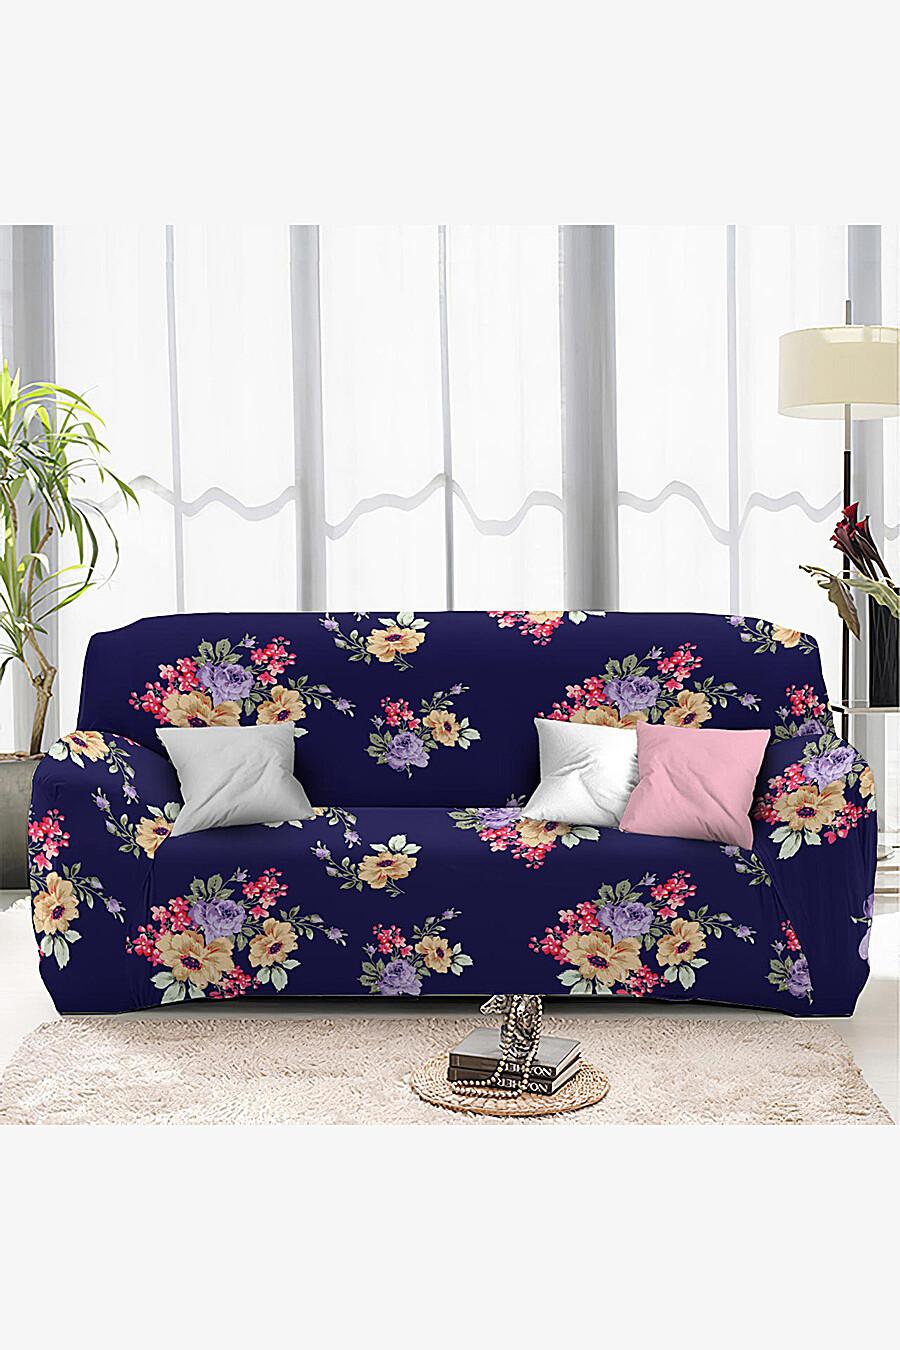 Чехол на диван для дома ART HOME TEXTILE 162806 купить оптом от производителя. Совместная покупка товаров для дома в OptMoyo